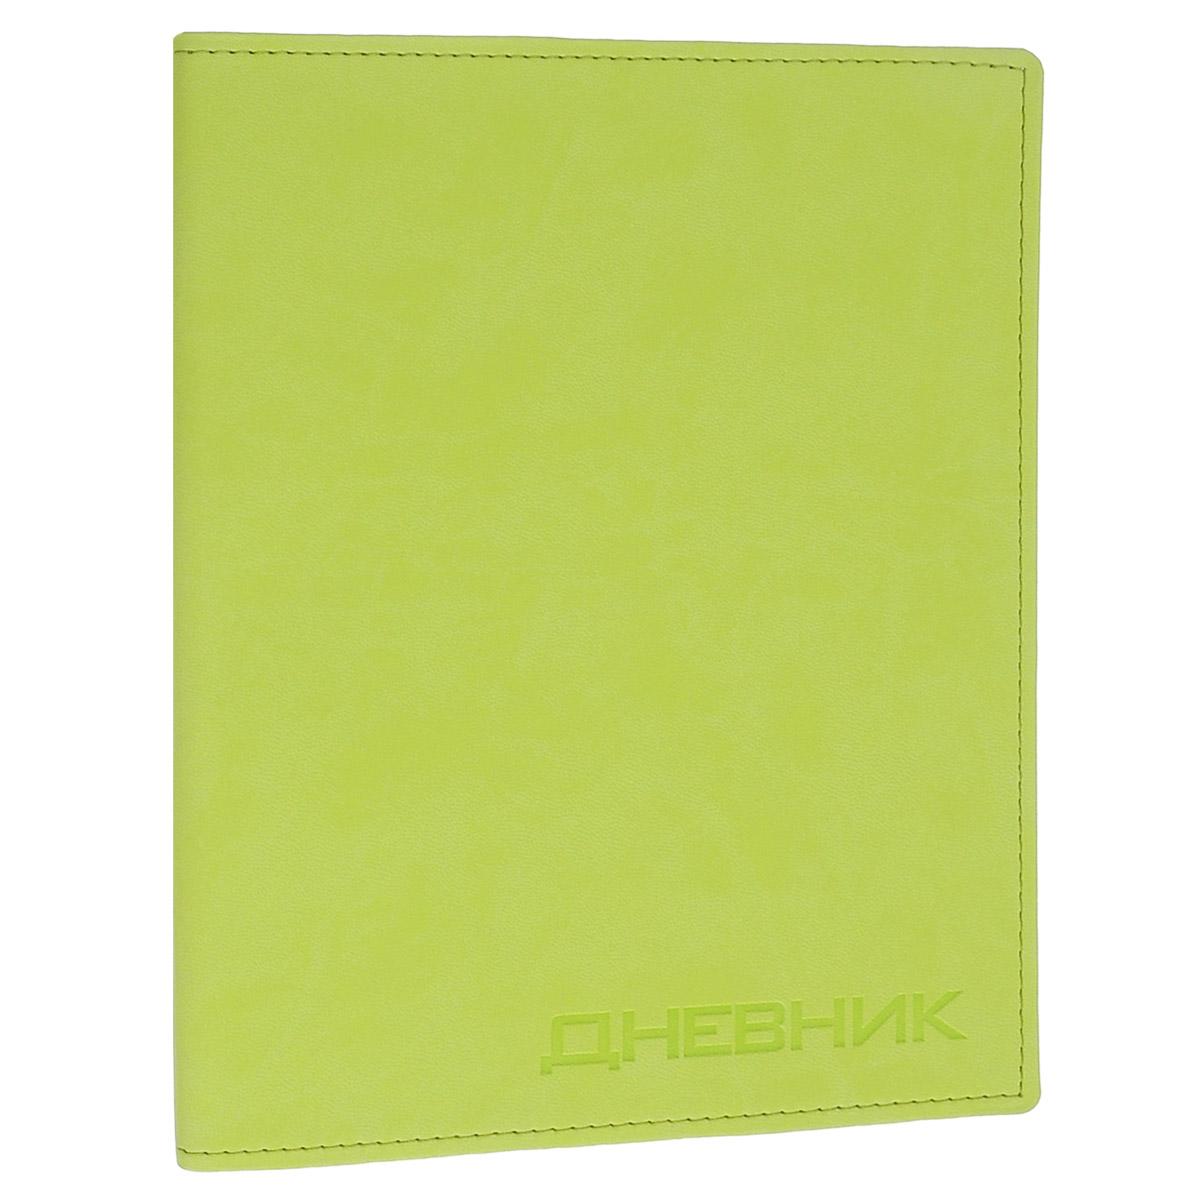 Дневник школьный Триумф Вивелла, цвет: лимонный1300-36Школьный дневник Триумф Вивелла - первый ежедневник вашего ребенка. Он поможет ему не забыть свои задания, а вы всегда сможете проконтролировать его успеваемость.Гибкая, высокопрочная интегральная обложка с закругленными углами прошита по периметру. Надпись нанесена путем вдавленного термотиснения и темнее основного цвета обложки, крепление сшитое. На разворотах под обложкой дневник дополнен политической и физической картой России. Внутренний блок выполнен из качественной бумаги кремового цвета с четкой линовкой темно-серого цвета. В структуру дневника входят все необходимые разделы: информация о школе и педагогах, расписание занятий и факультативов по четвертям. На последней странице для итоговых оценок незаполненные графы изучаемых предметов.